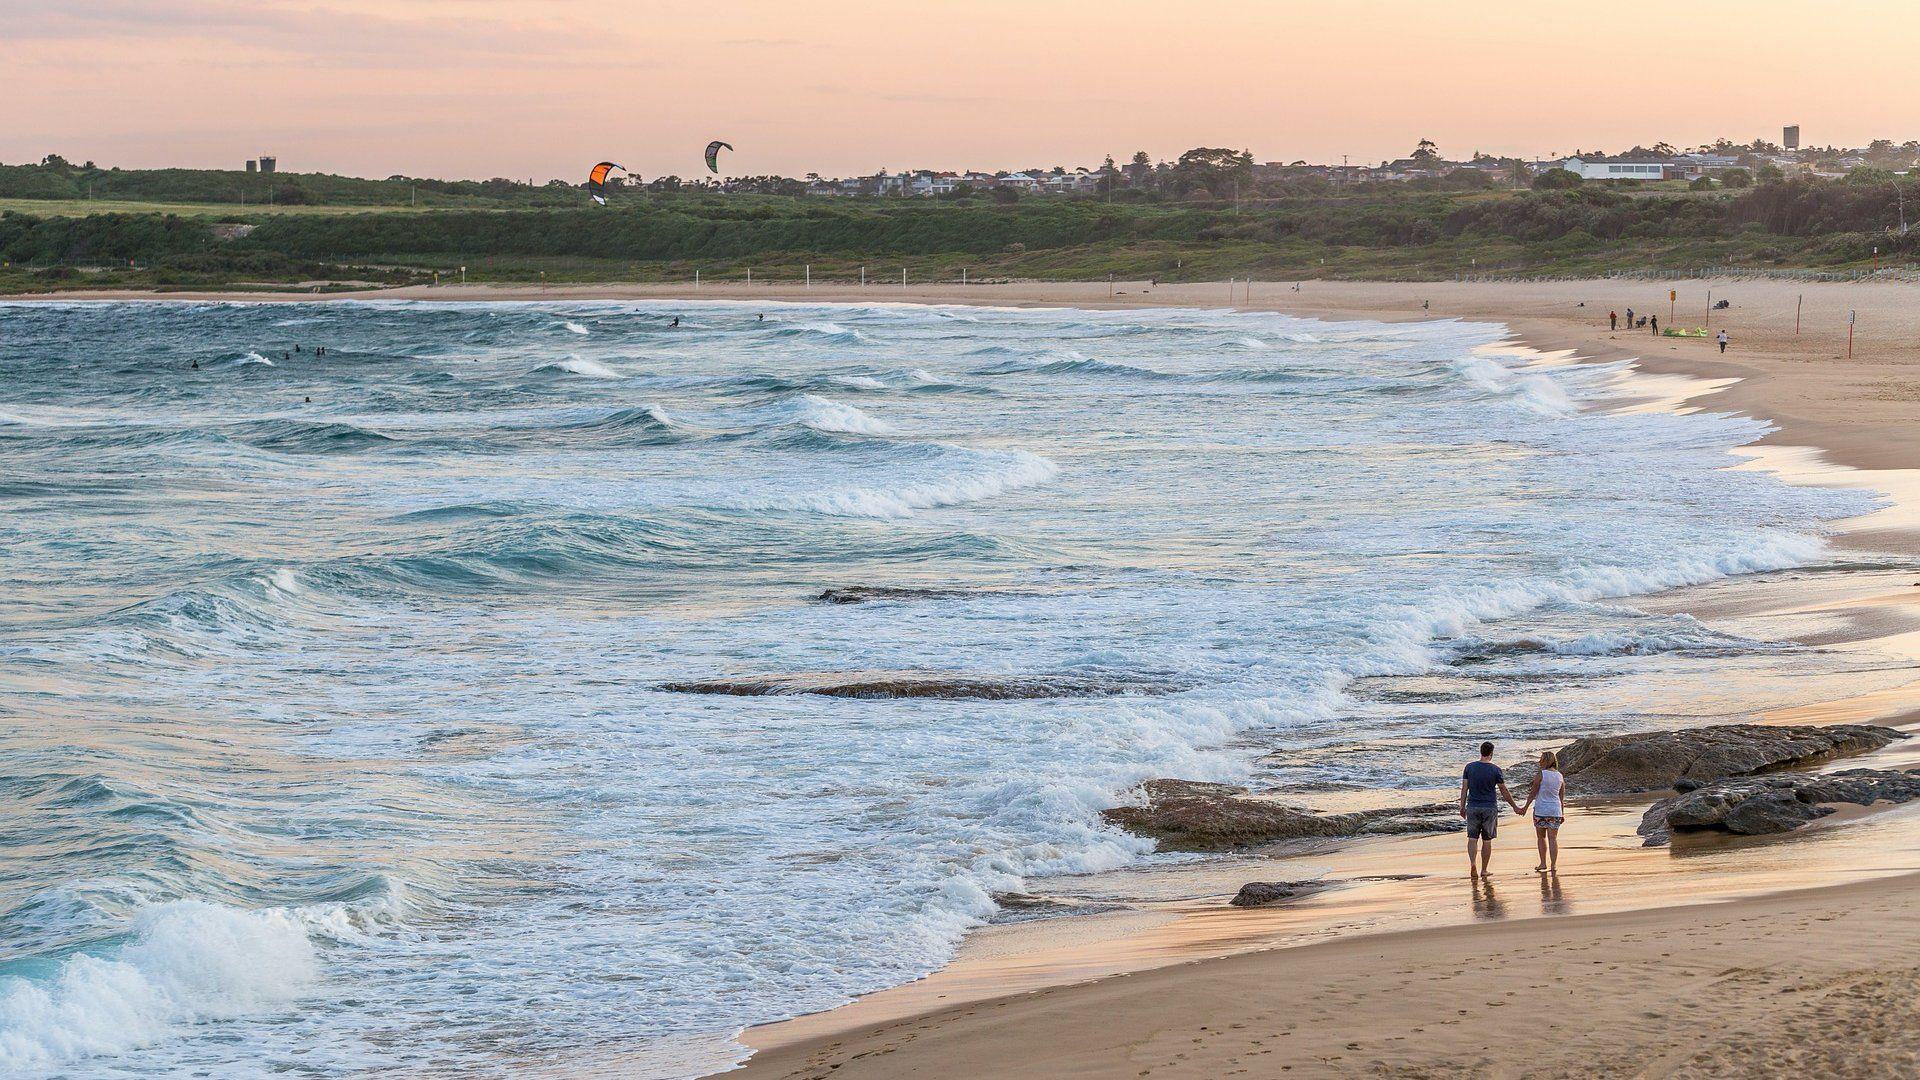 ausztrália strand albérlet üzenet